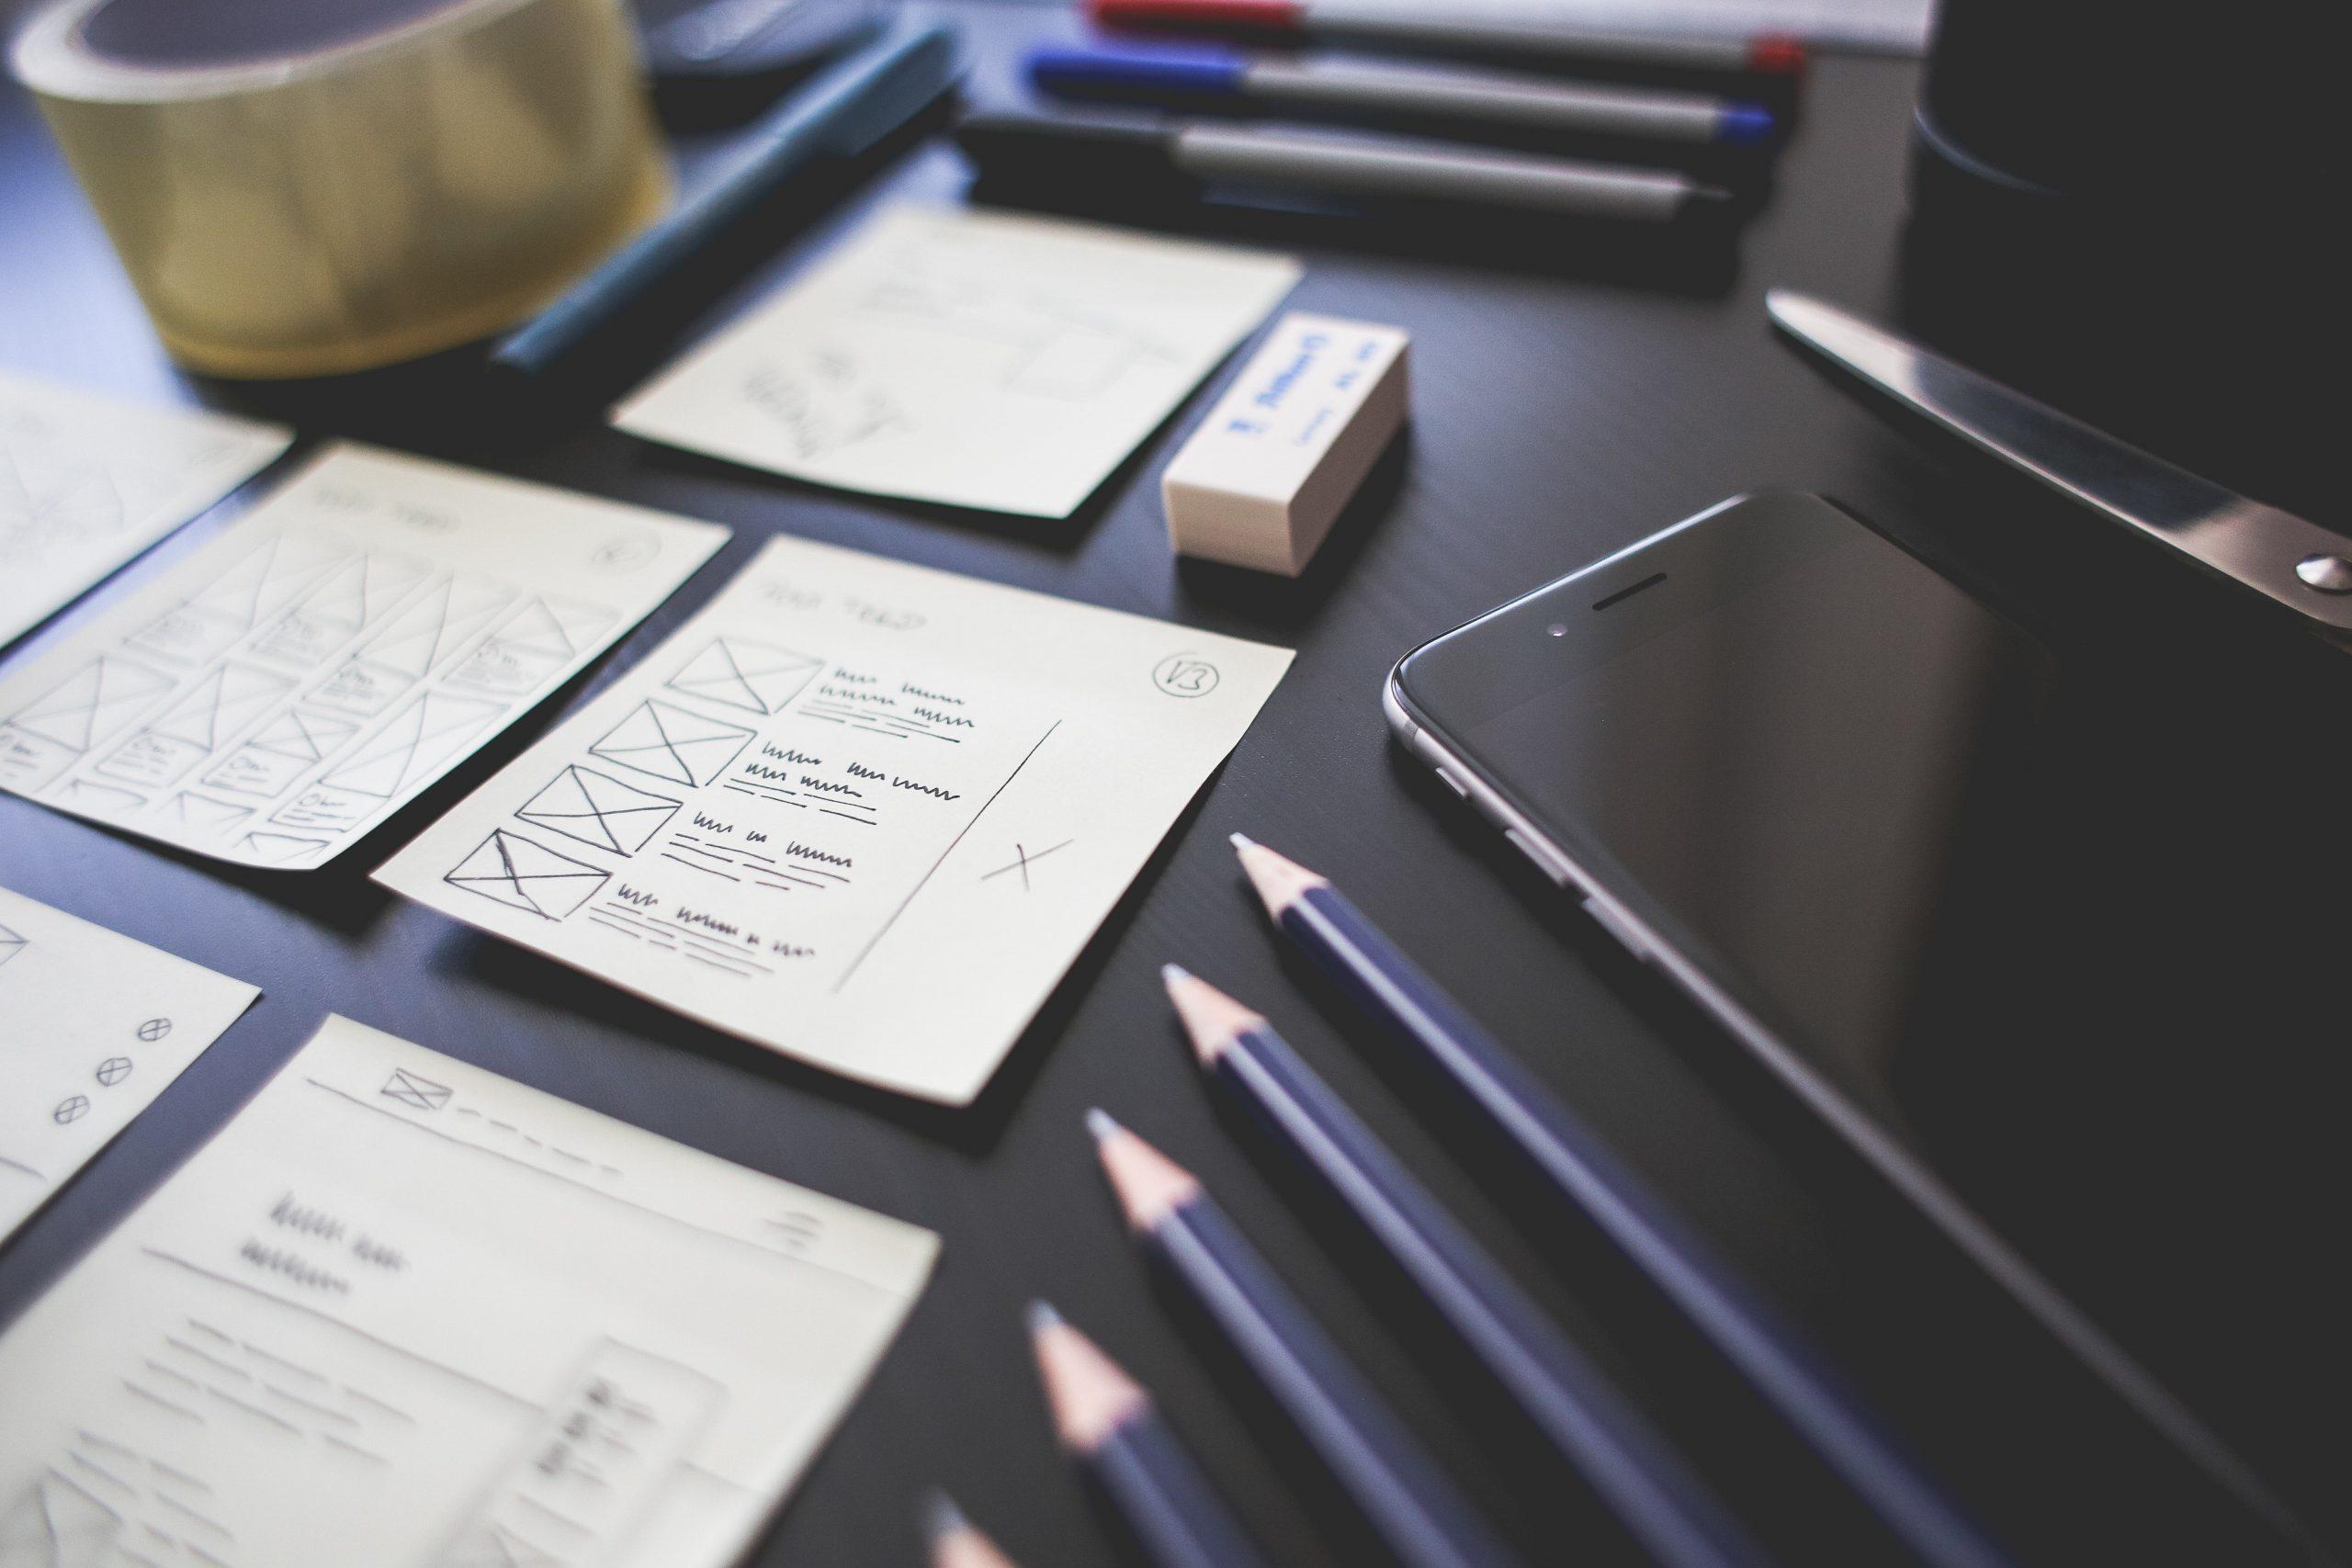 Nytt material för scenarioplanering